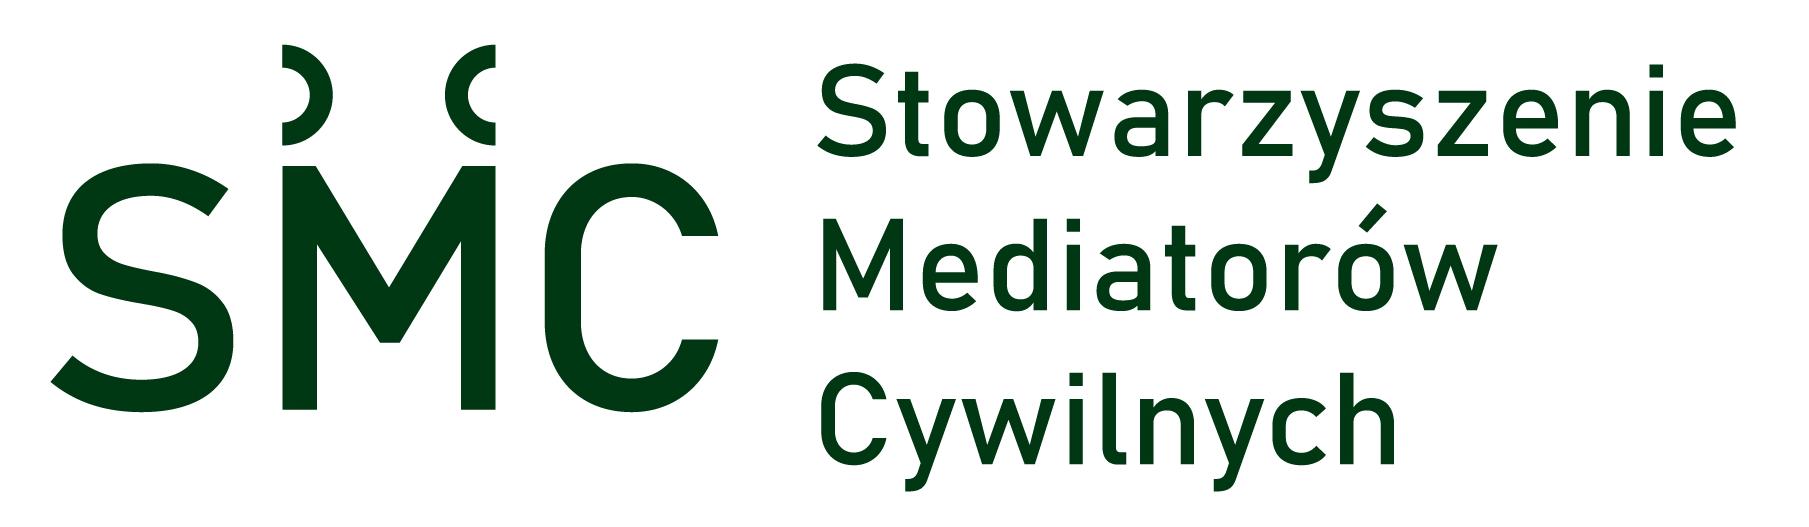 Stowarzyszenie Mediatorów Cywilnych - MediatorzyCywilni.pl